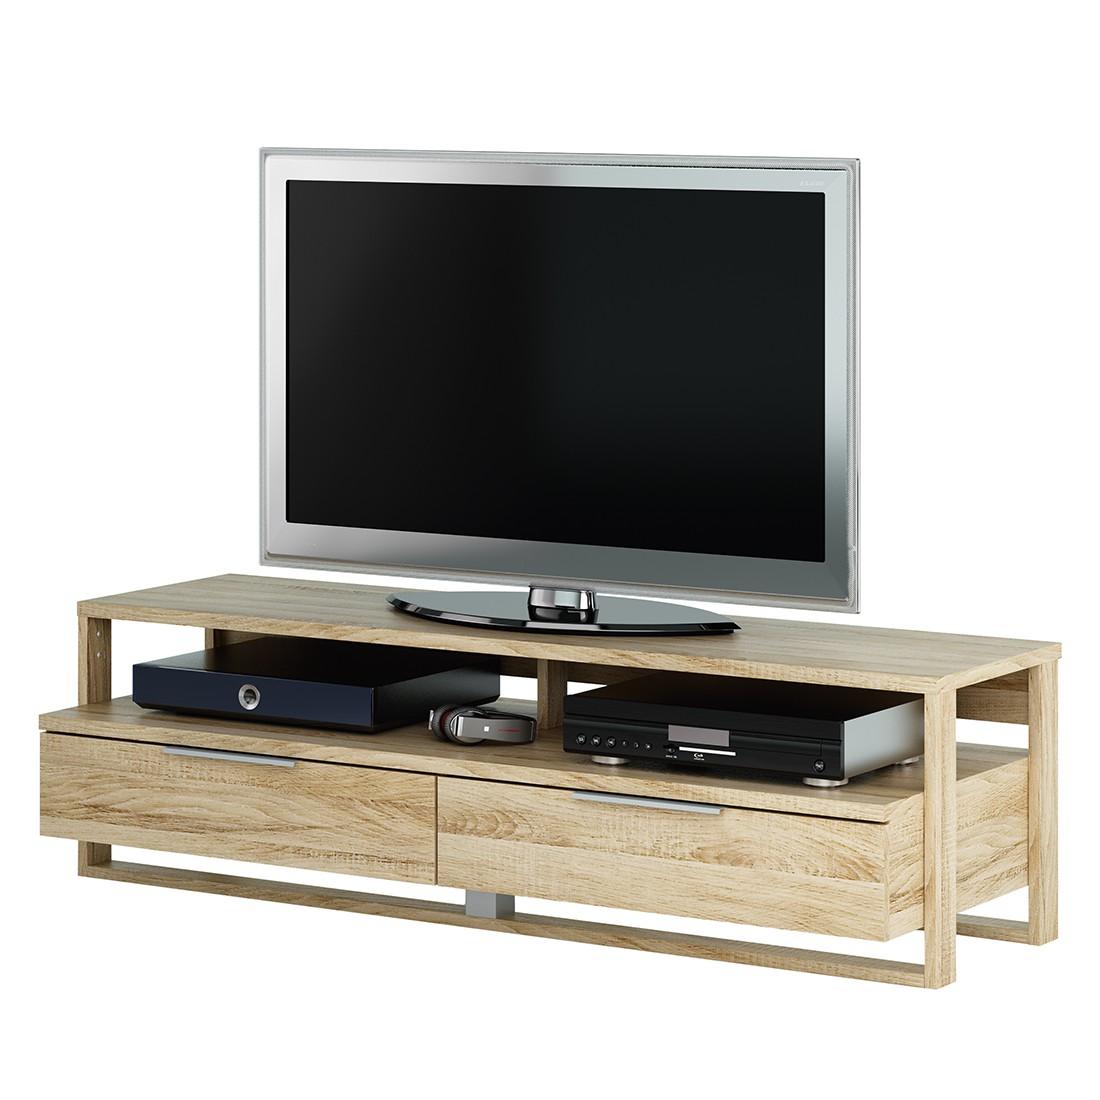 tv bank eiche tv bank mediaschrank sideboard regal lowboard kommode lowboard tv bank eiche. Black Bedroom Furniture Sets. Home Design Ideas